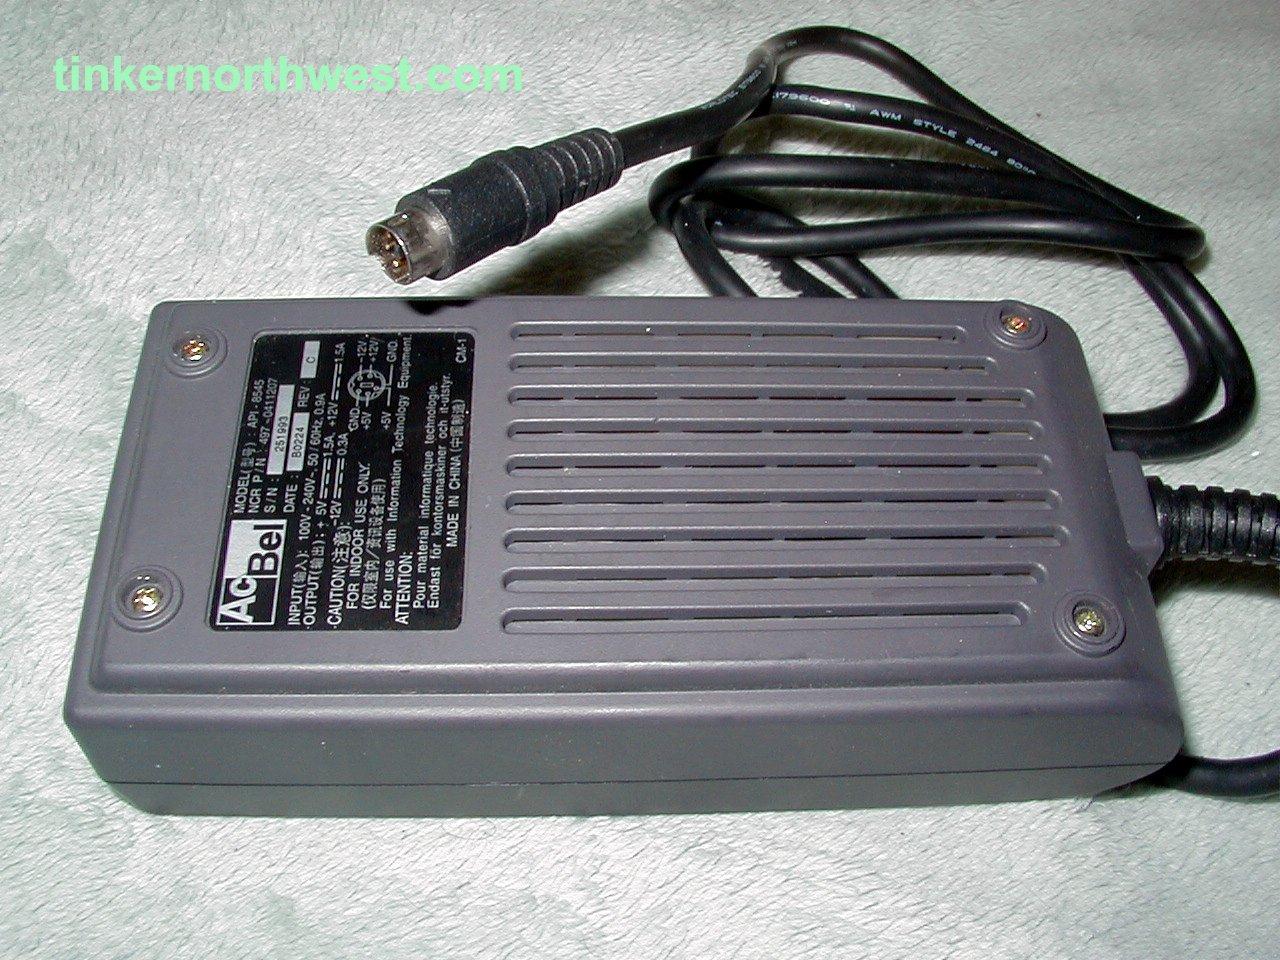 AcBel API-8545 AC Adapter 12V For NCR 7800 Barcode Scanner